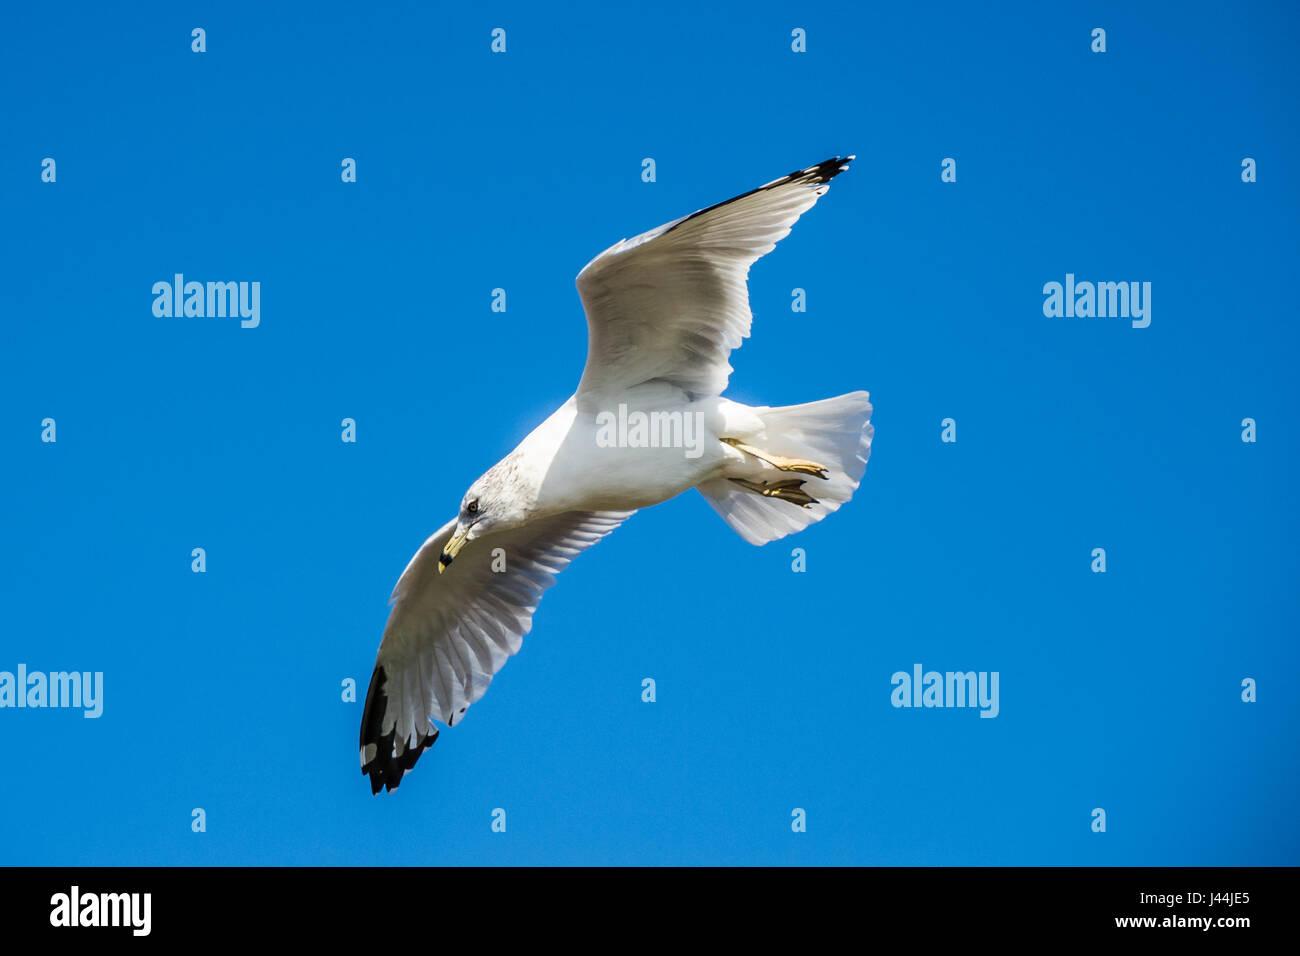 Deslizamiento De Palomas Volando En Frente De Cielo Azul Profundo